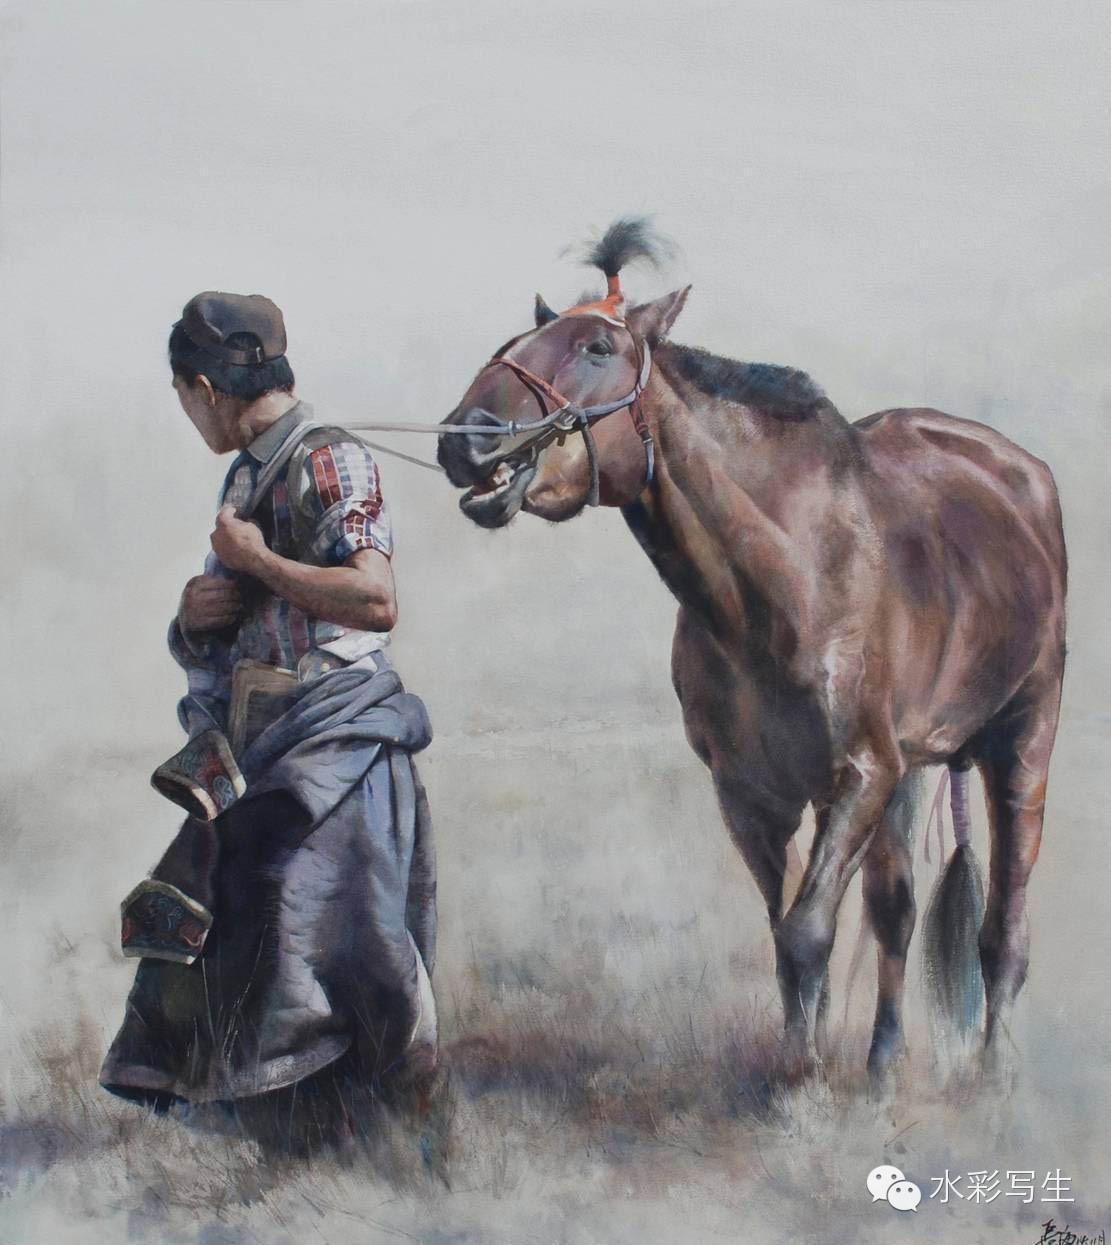 【蒙古人】草原骏马——长海水彩作品欣赏 第2张